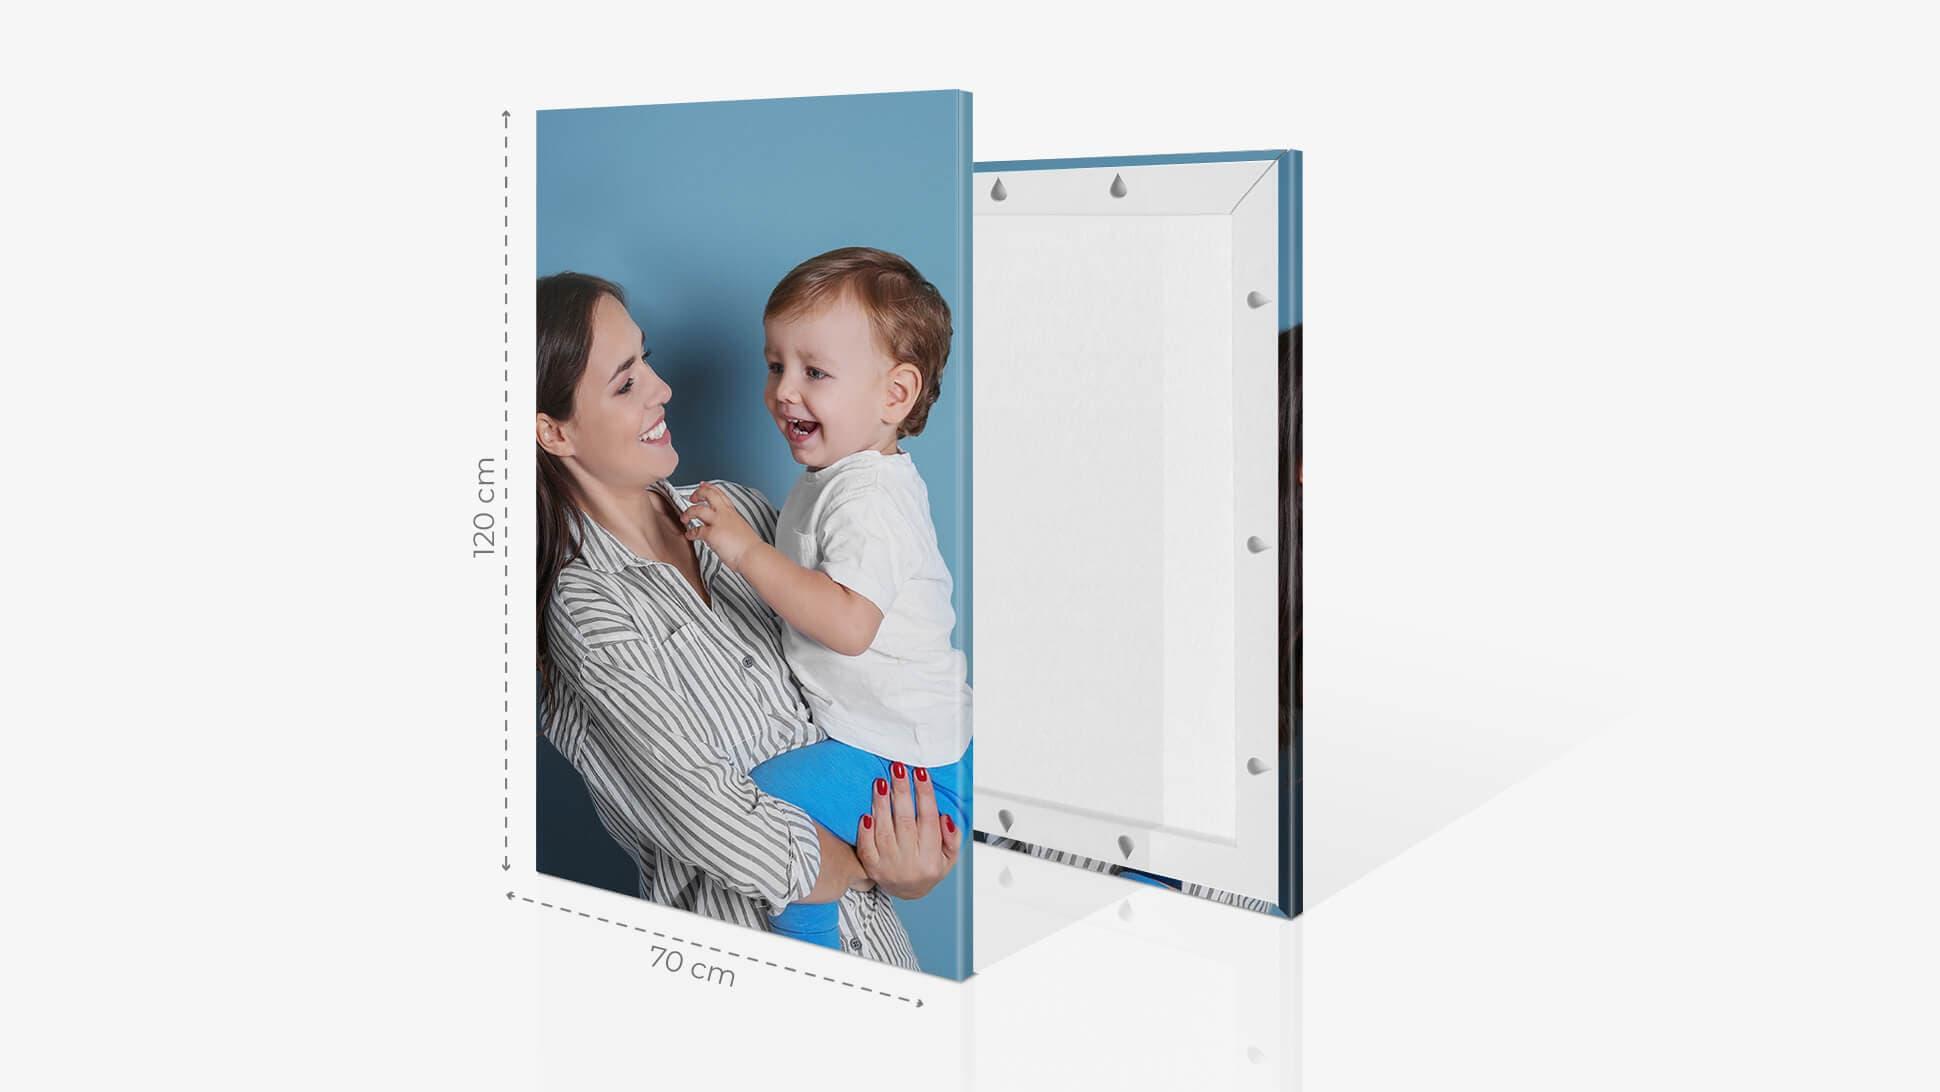 Fotoquadro 70x120cm con grafica | tictac.it